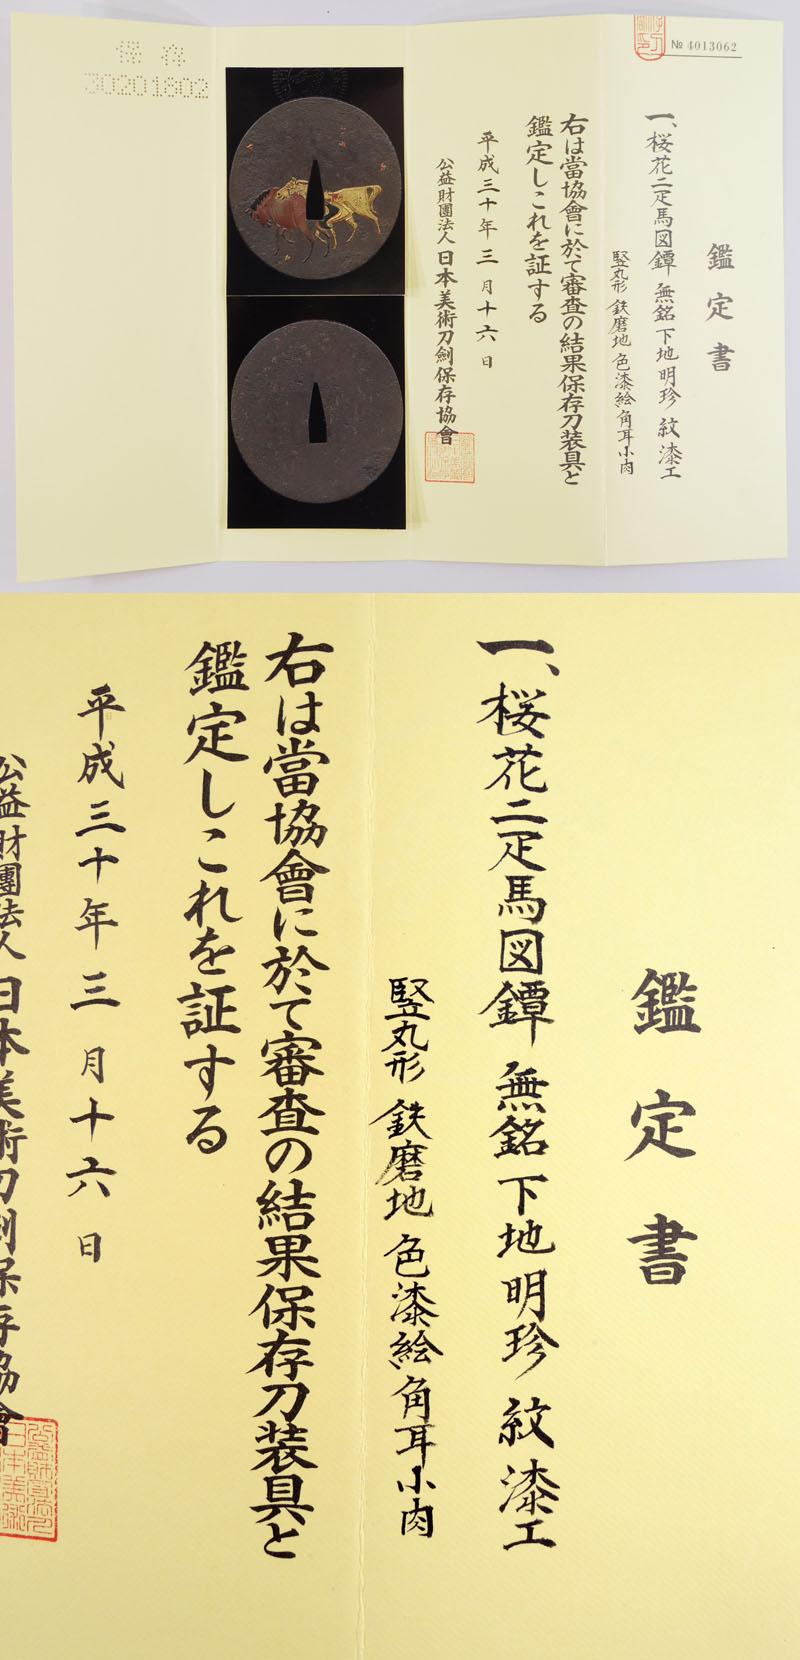 桜花二疋馬図鍔 無銘 下地明珍 紋漆工 Picture of Certificate